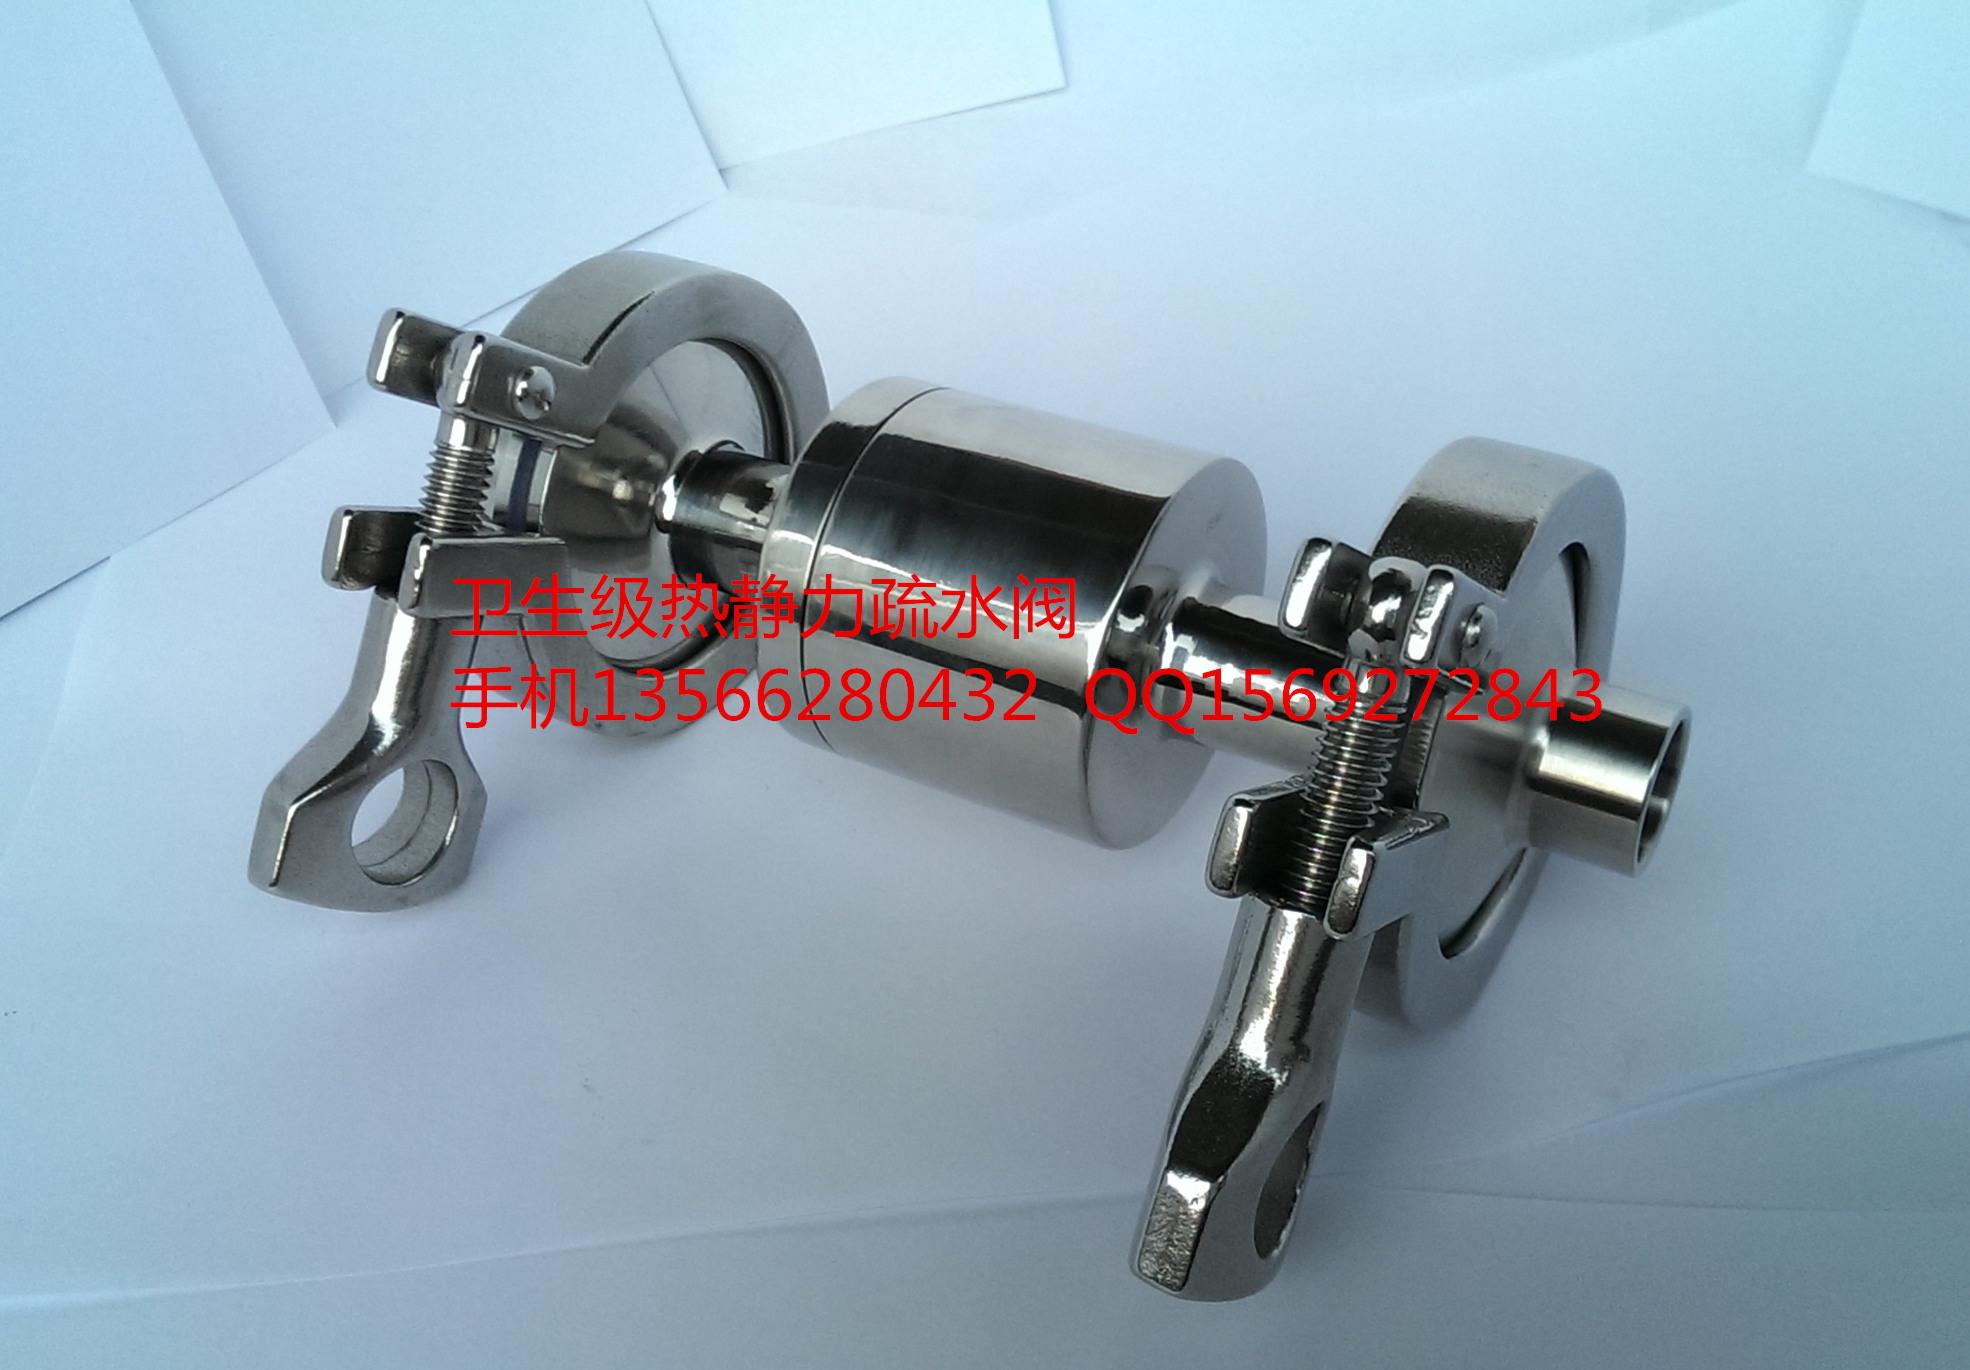 卫生级疏水阀/快装蒸汽疏水阀/卫生级热静力疏水器/卫生级热静力疏水阀